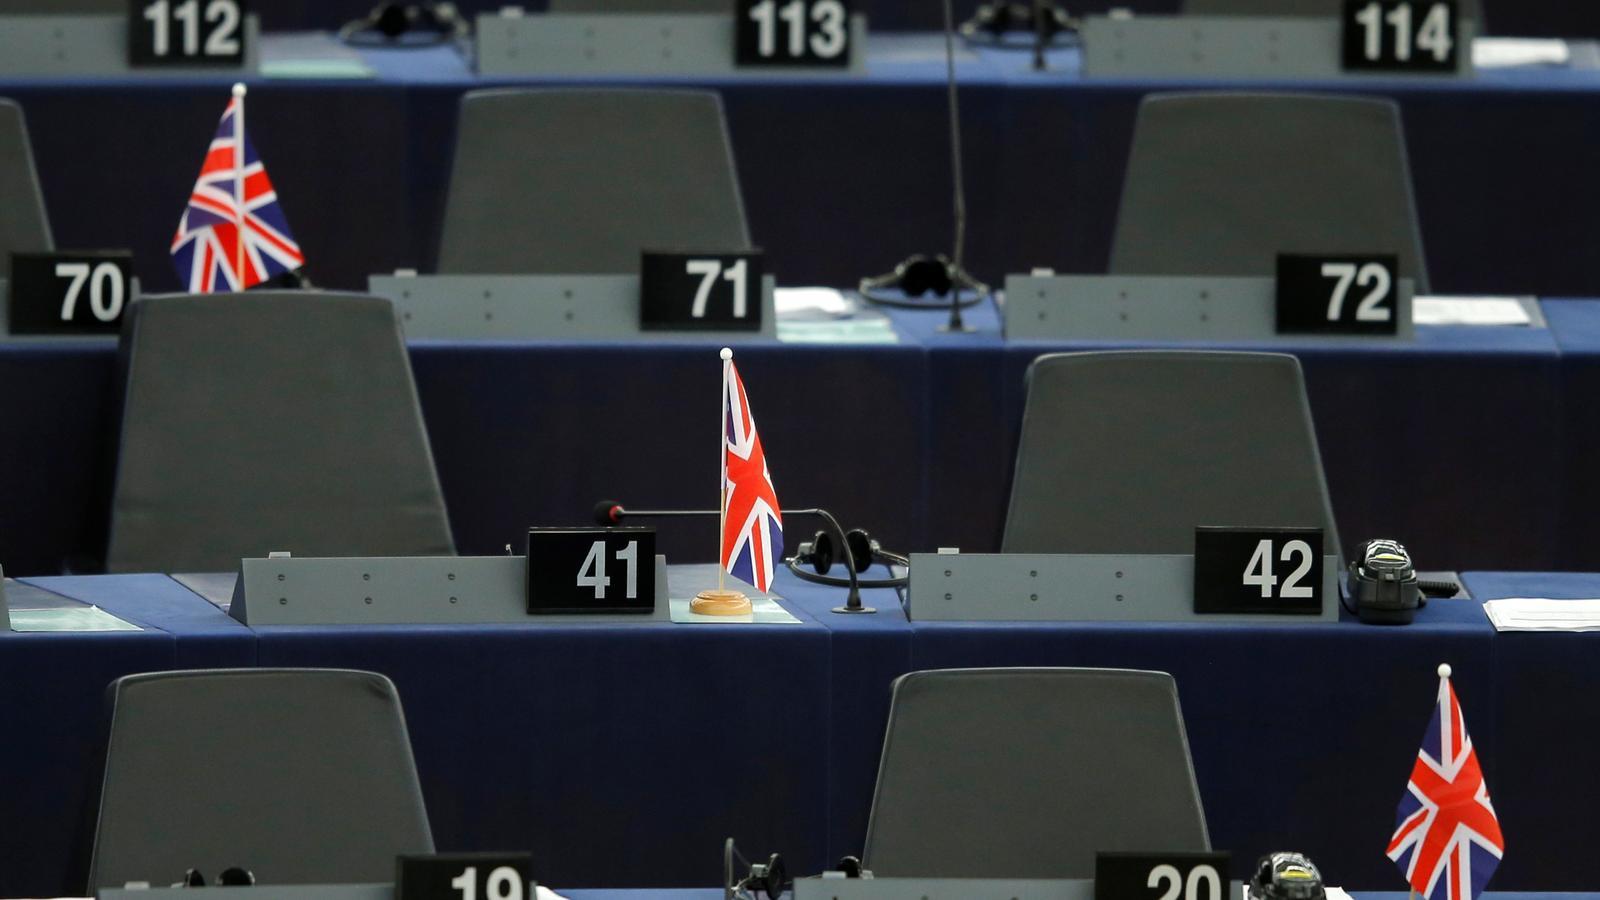 Claus per no perdre's amb les eleccions europees